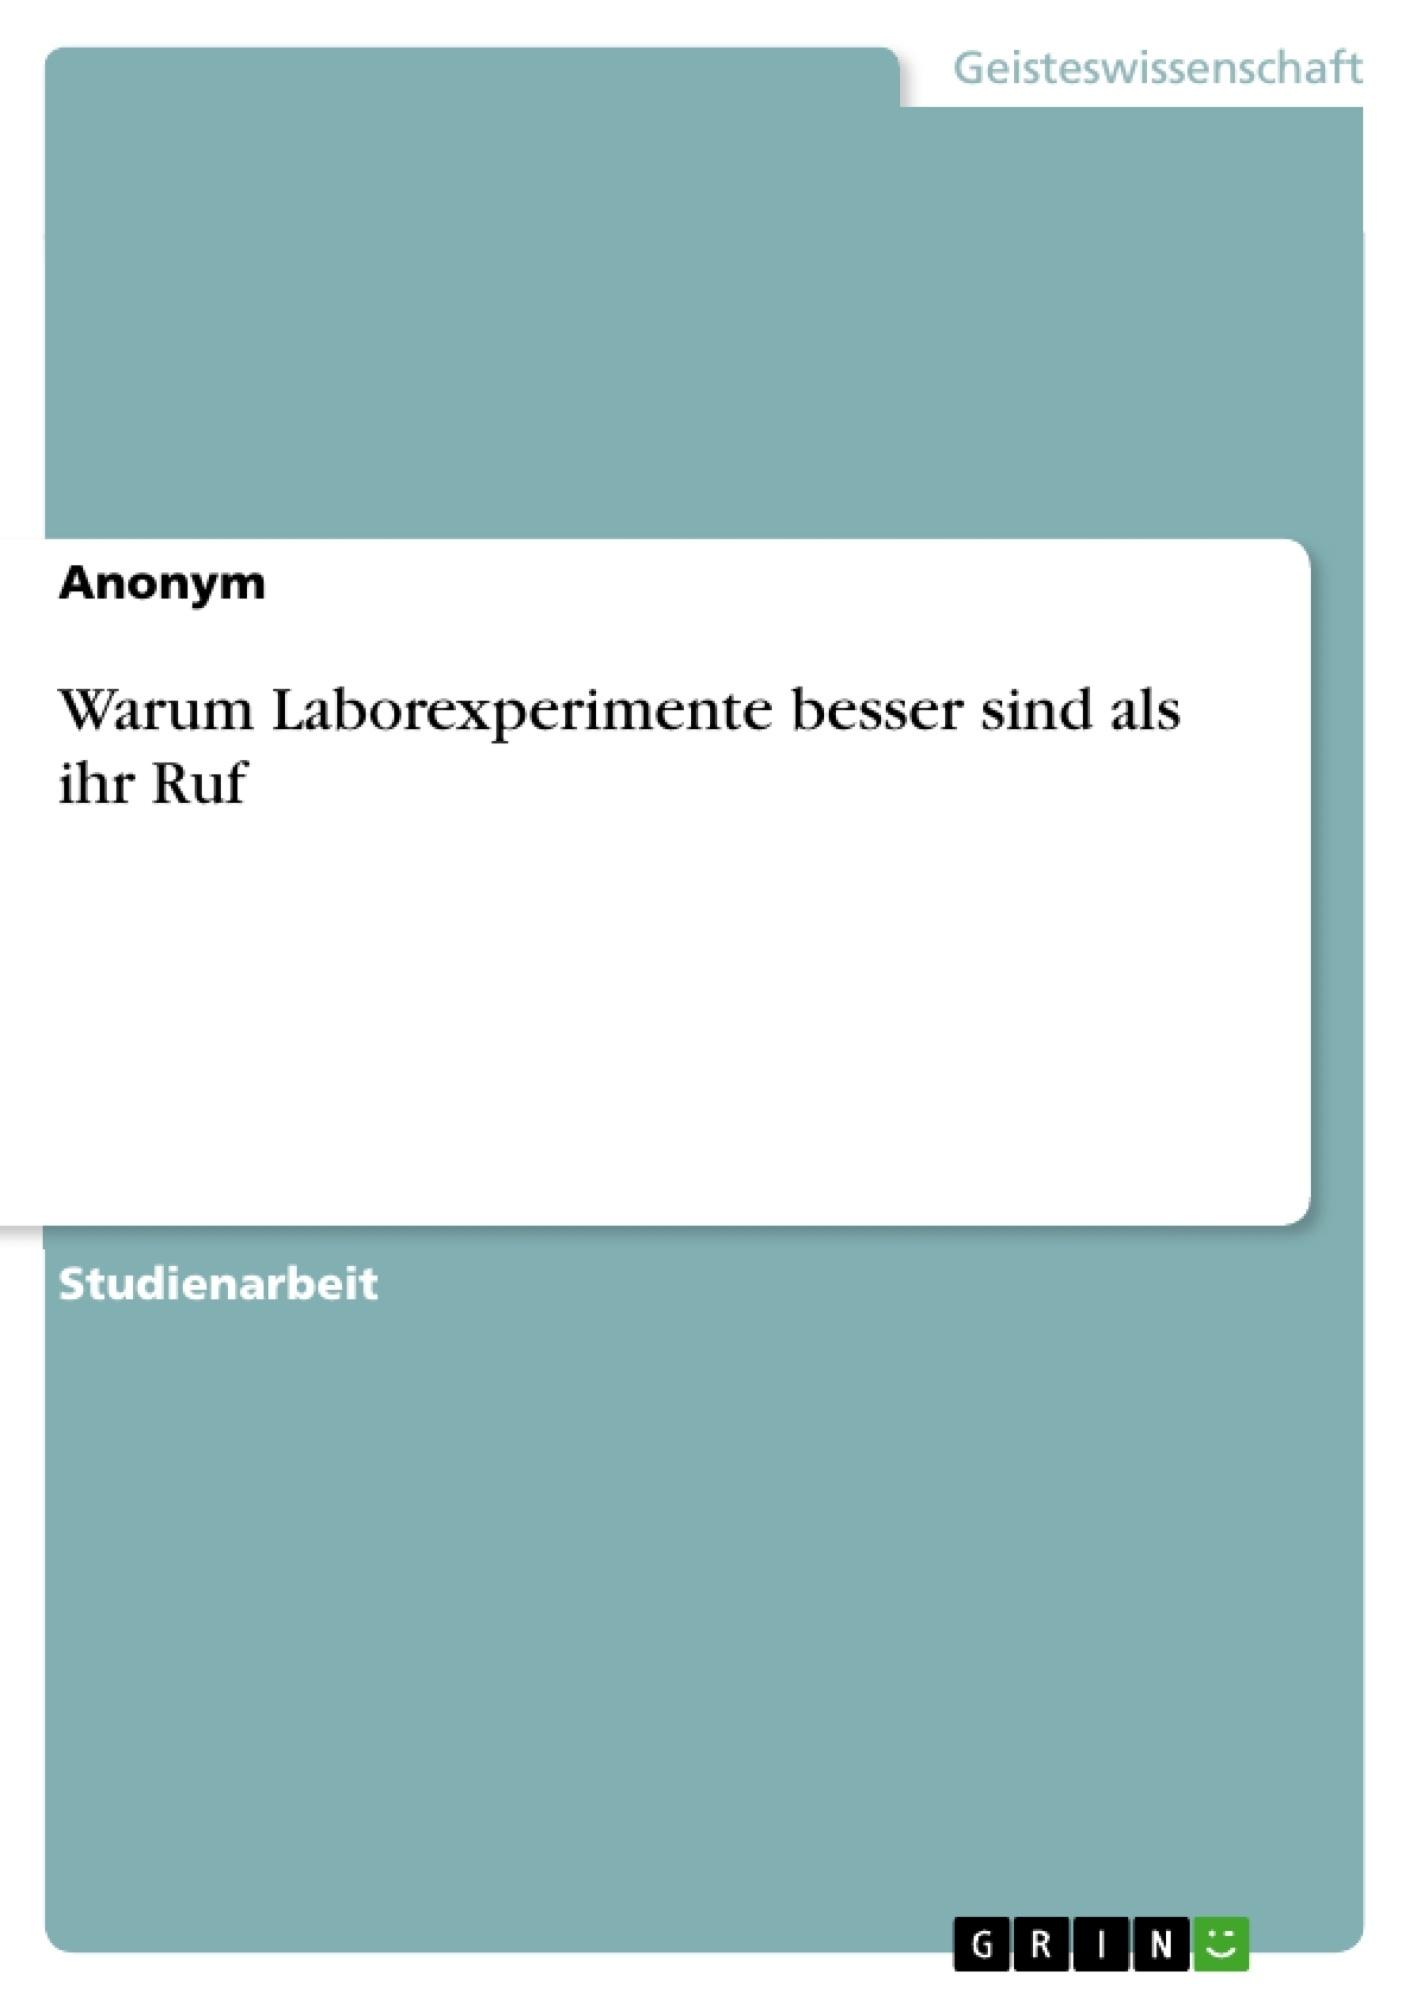 Titel: Warum Laborexperimente besser sind als ihr Ruf